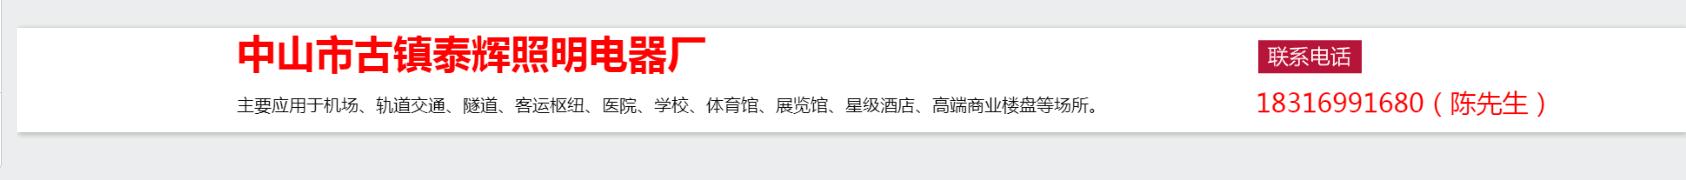 中山市古镇泰辉照明电器厂